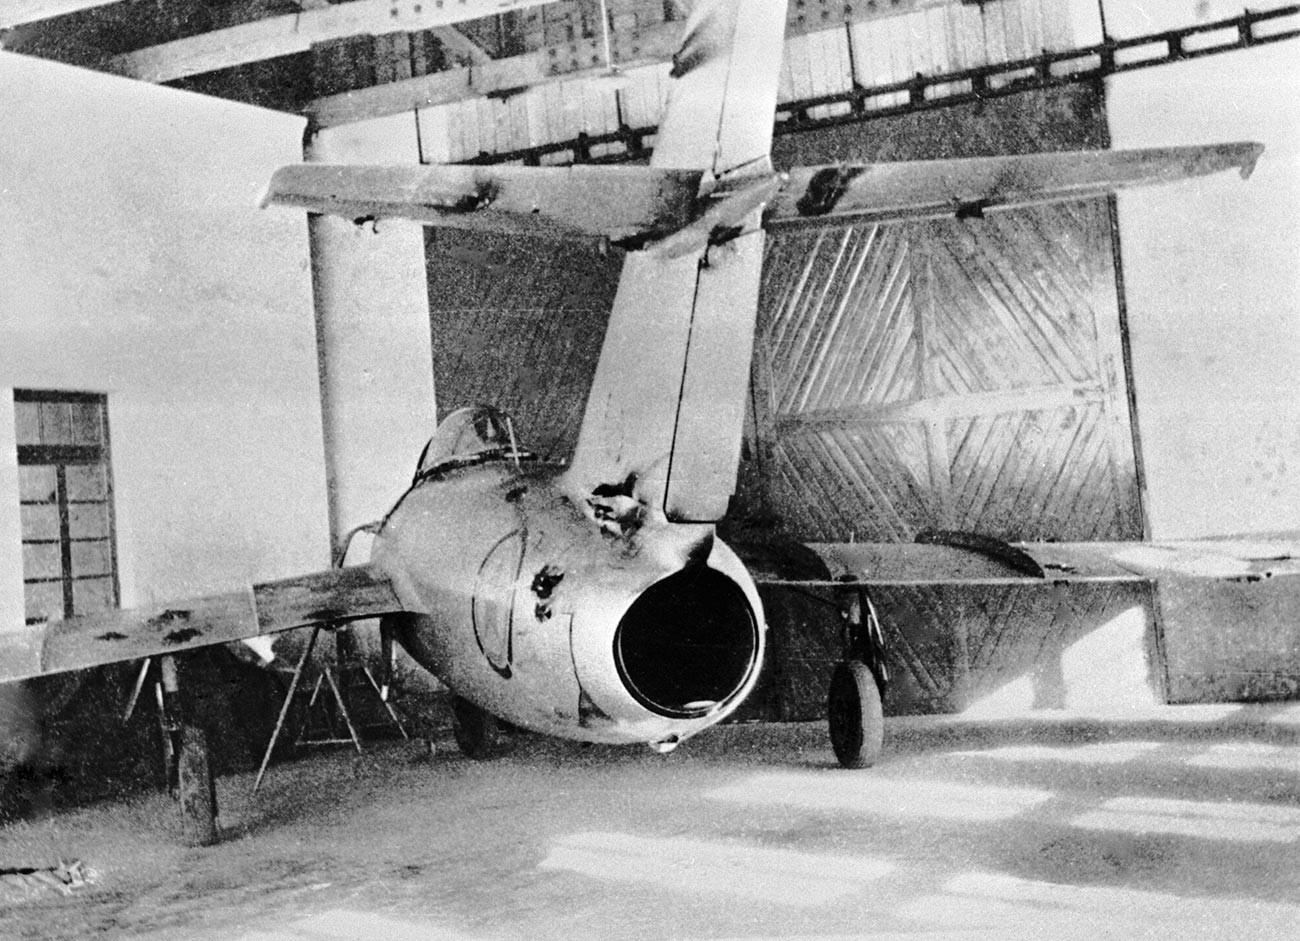 Советски ловец МиГ-15 со оштетувања по воздушната битка за време на војната во Кореја.